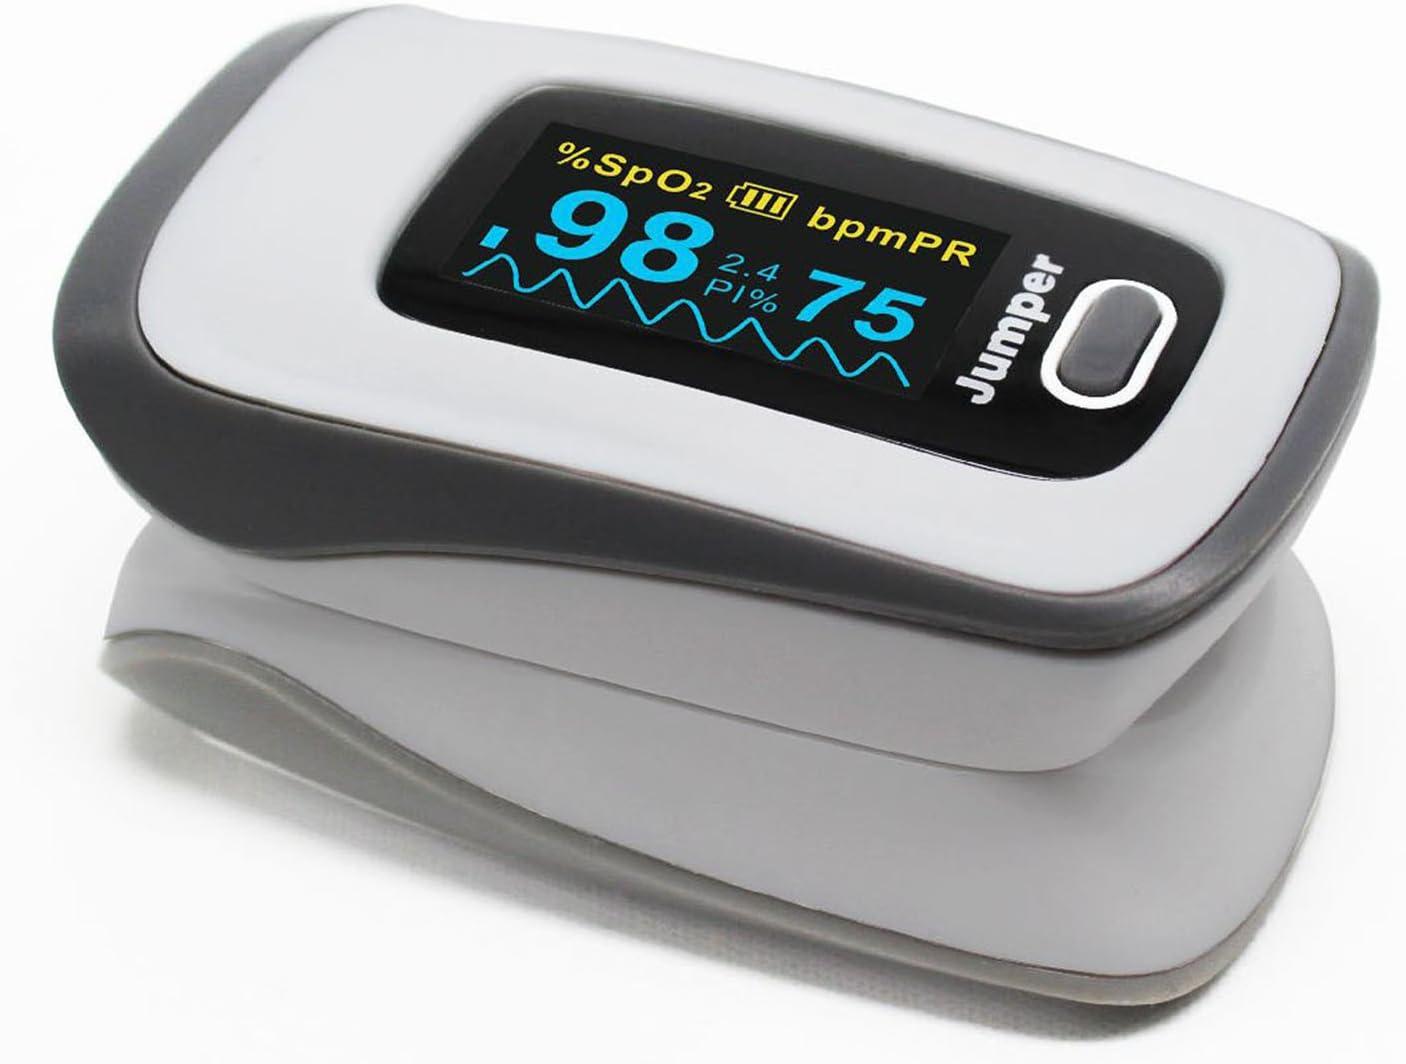 SpO2 PR PI Ossimetro,Ossimetro da Dito Professionale,OLED Saturimetro per la Famiglia Roeam Ritioner Pulsossimetro da Dito